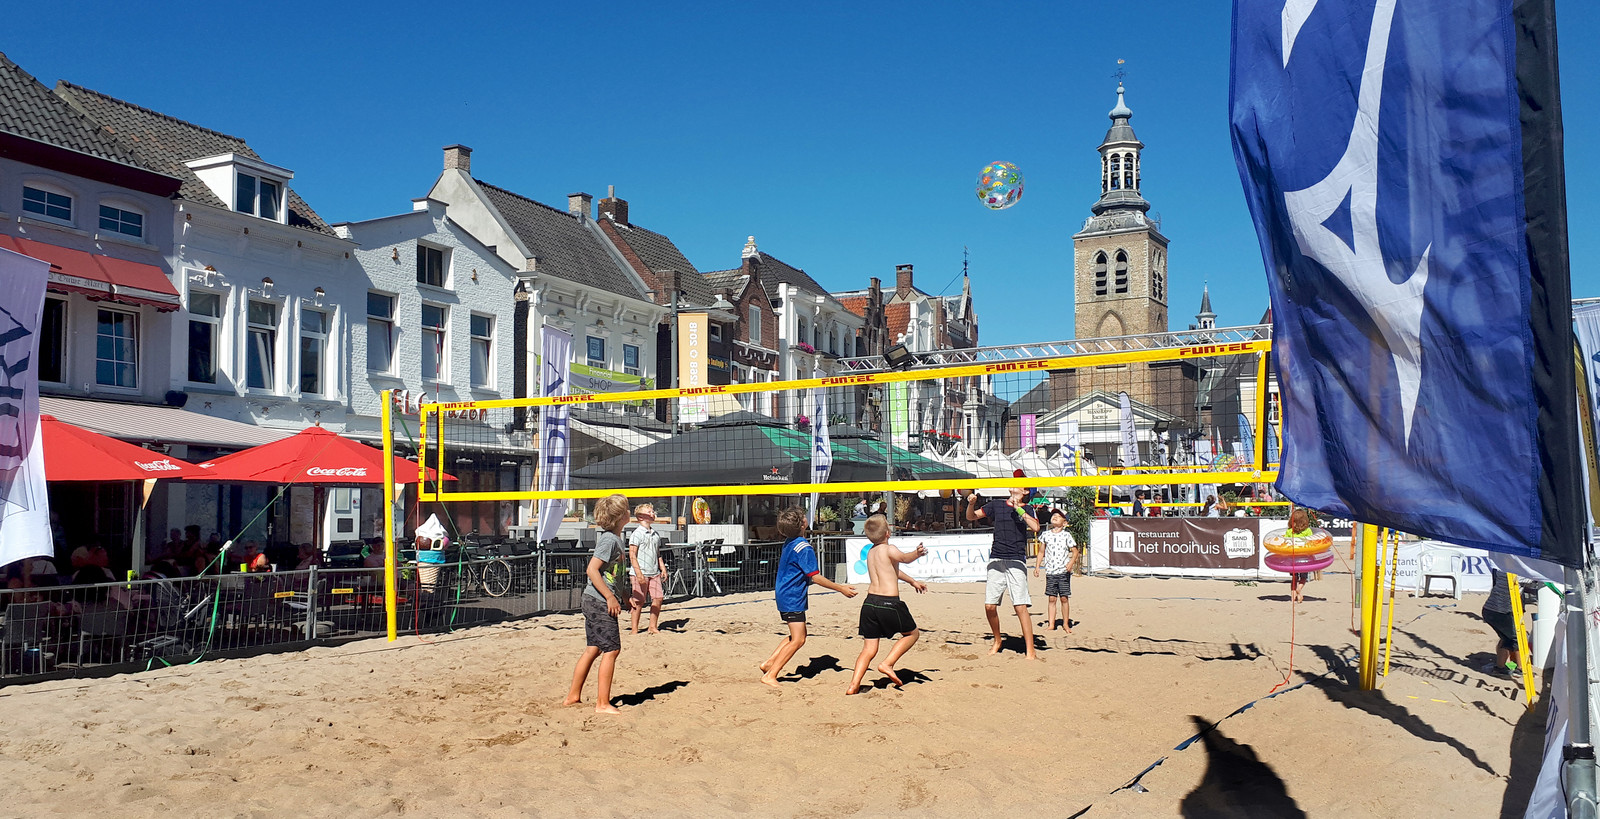 Prima weer voor beach events in Wouw en Roosendaal, op de foto de Markt in Roosendaal.